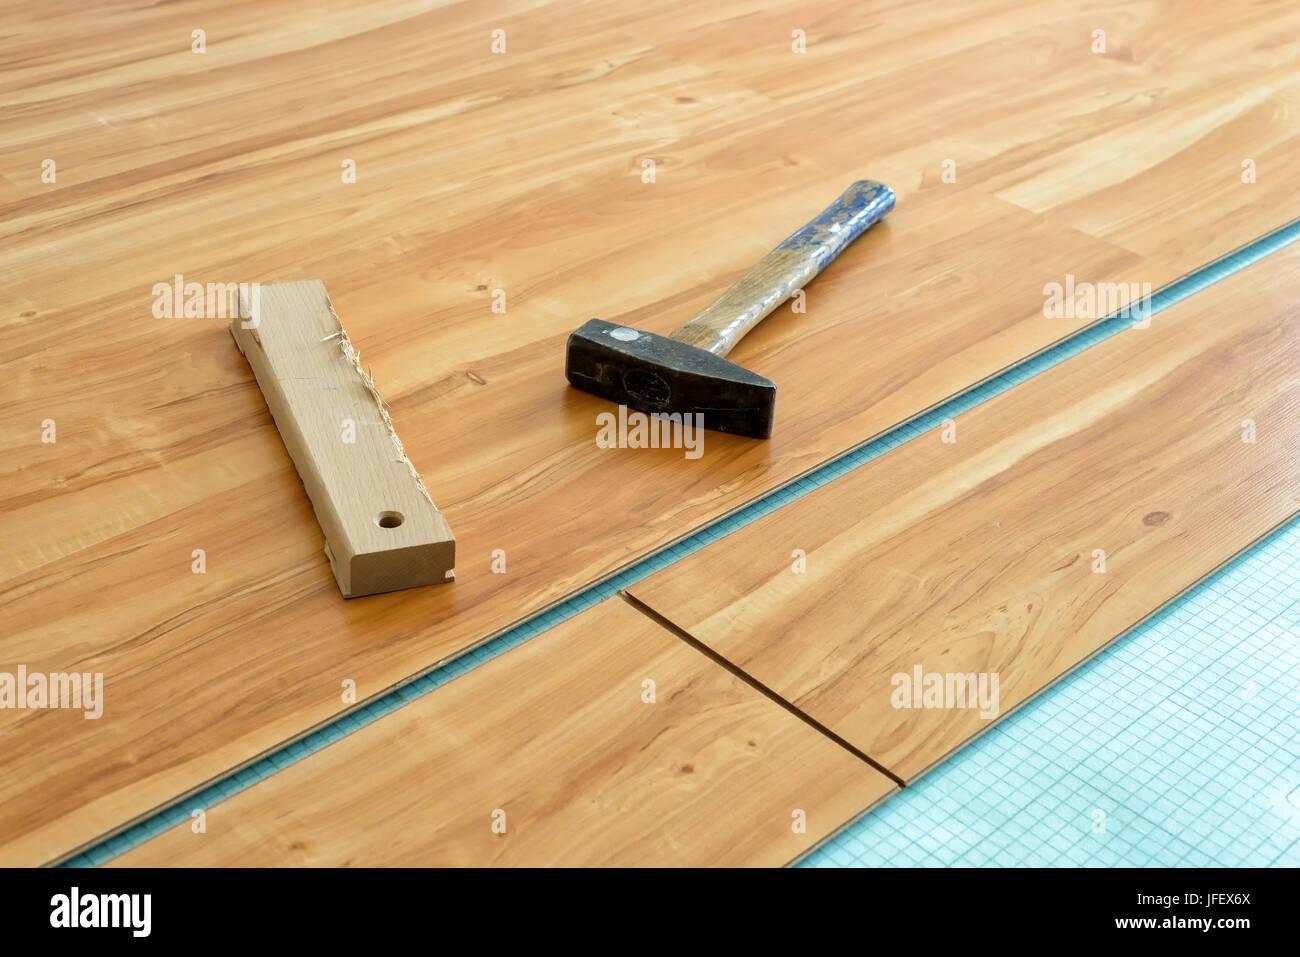 Pose plancher Banque D'Images